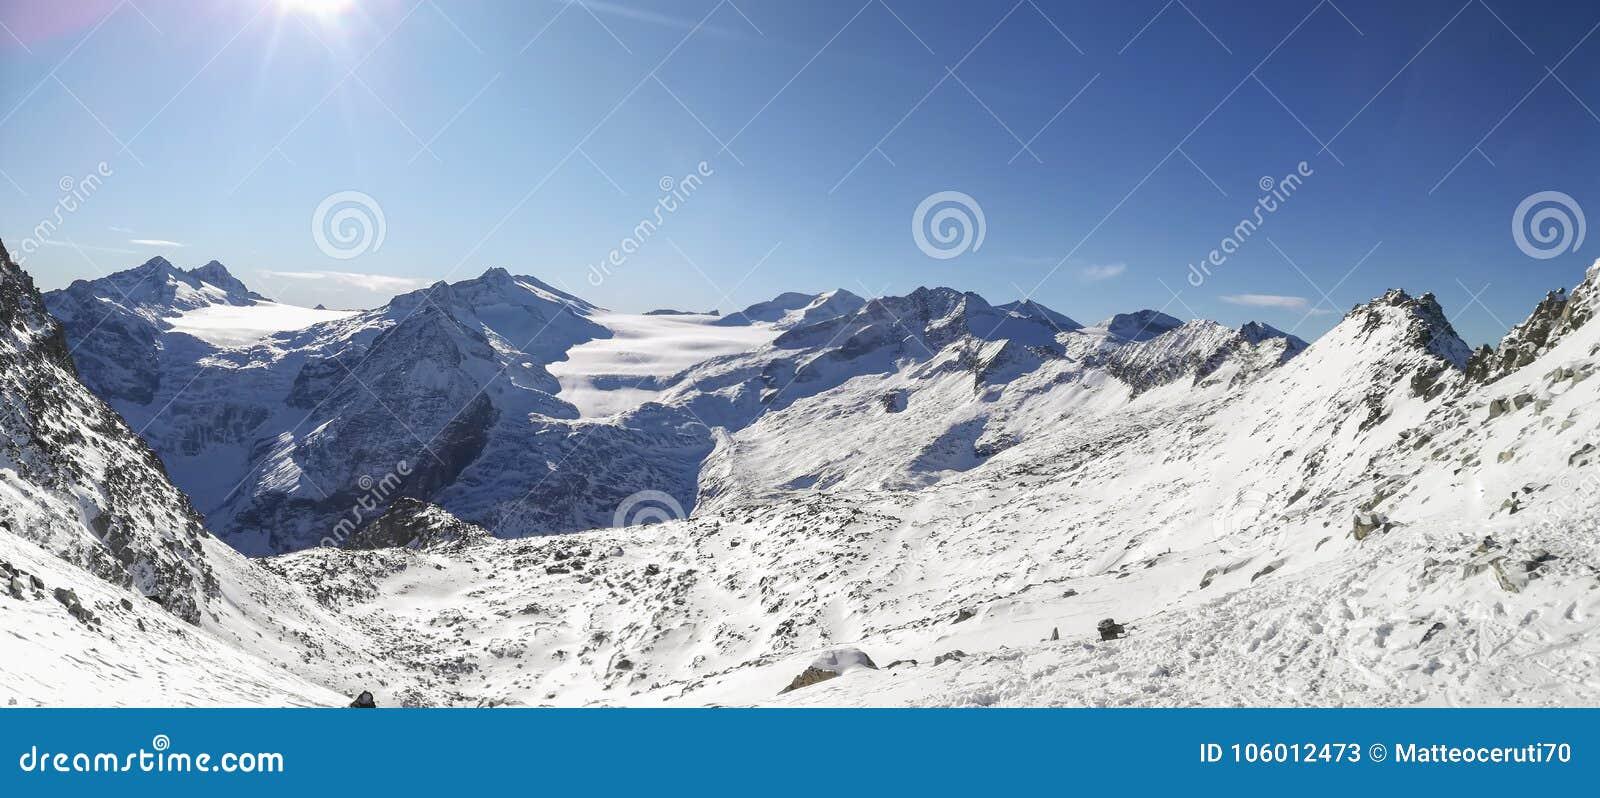 Fantastisk sikt på ankomsten av cablewayen Presena till glaciären Adamello, Lobbie, Presanella och Pian di Neve